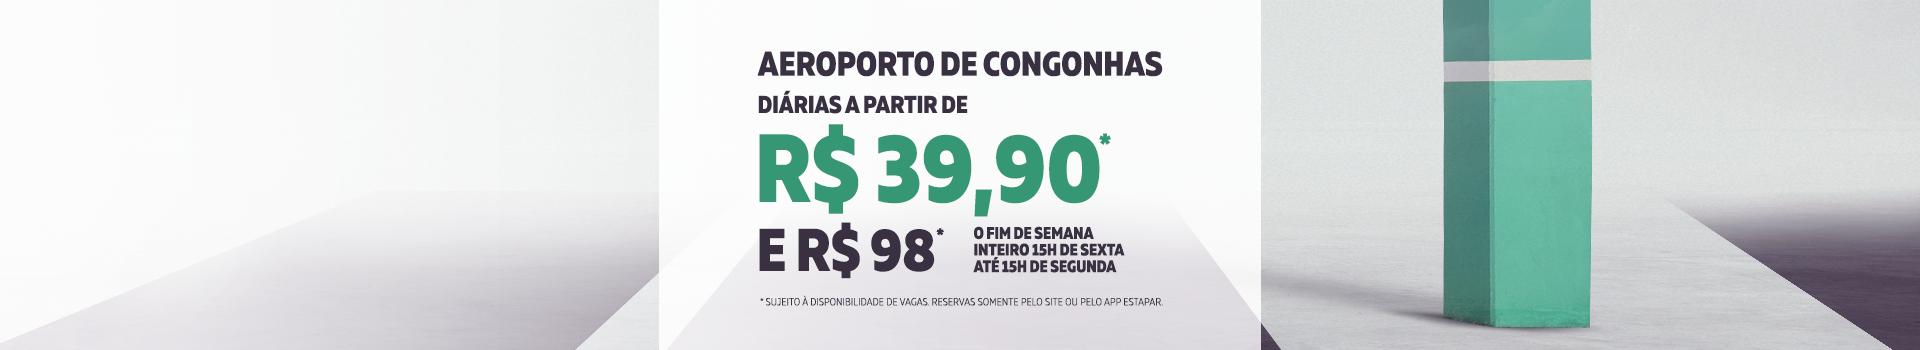 Diárias a partir de R$39,90 no estacionamento oficial do Aeroporto de Congonhas (CGH) em São Paulo.